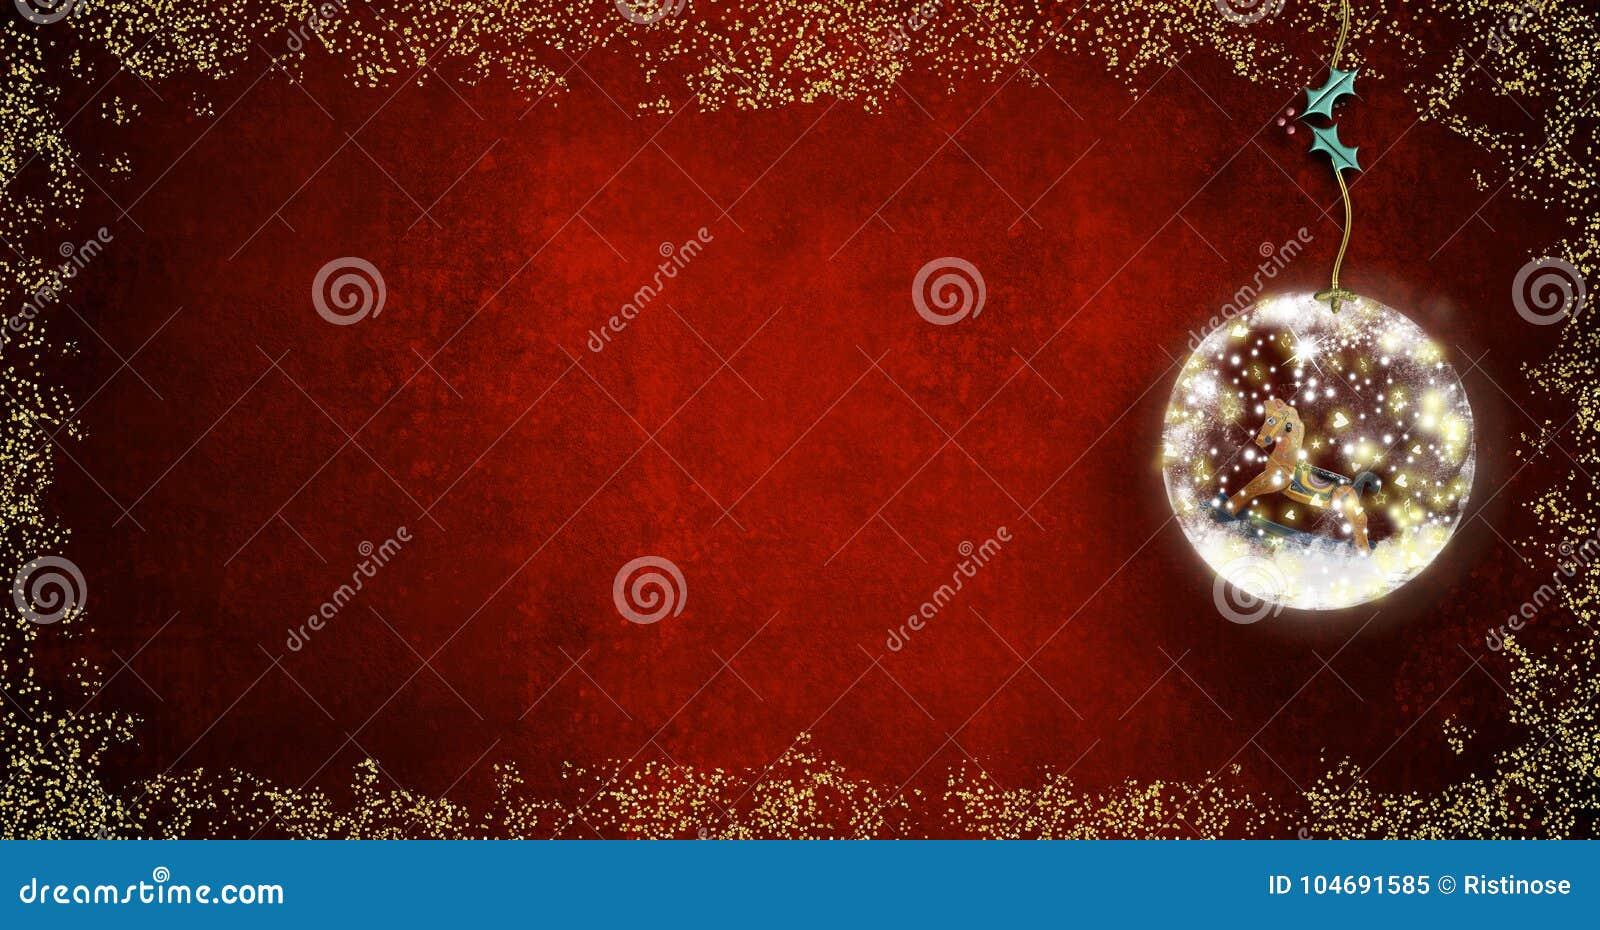 Fondo Para Escribir Tarjetas De Navidad Imagen De Archivo Imagen